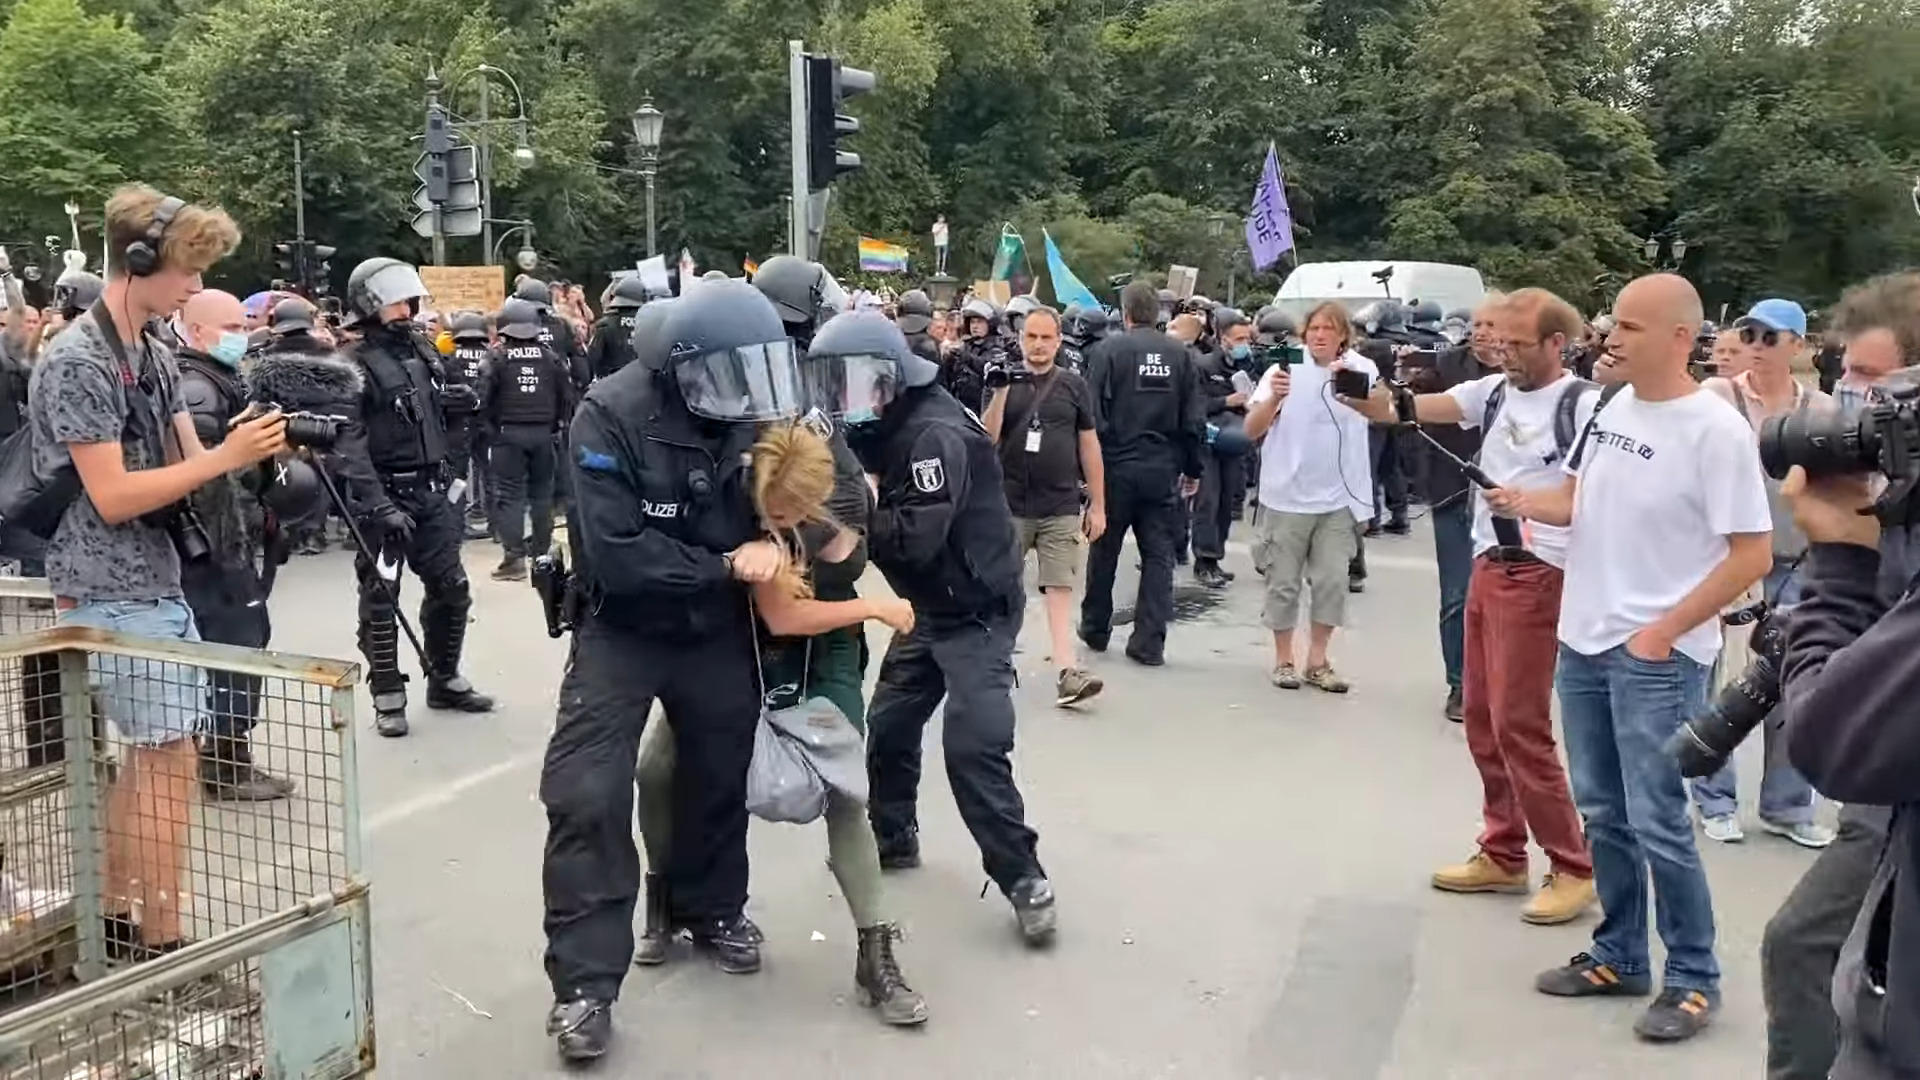 kenfm-am-set:-300820-–-berliner-polizei-setzt-senatsvorgaben-mit-gewalt-gegen-friedliche-burger-um- -kenfm.de